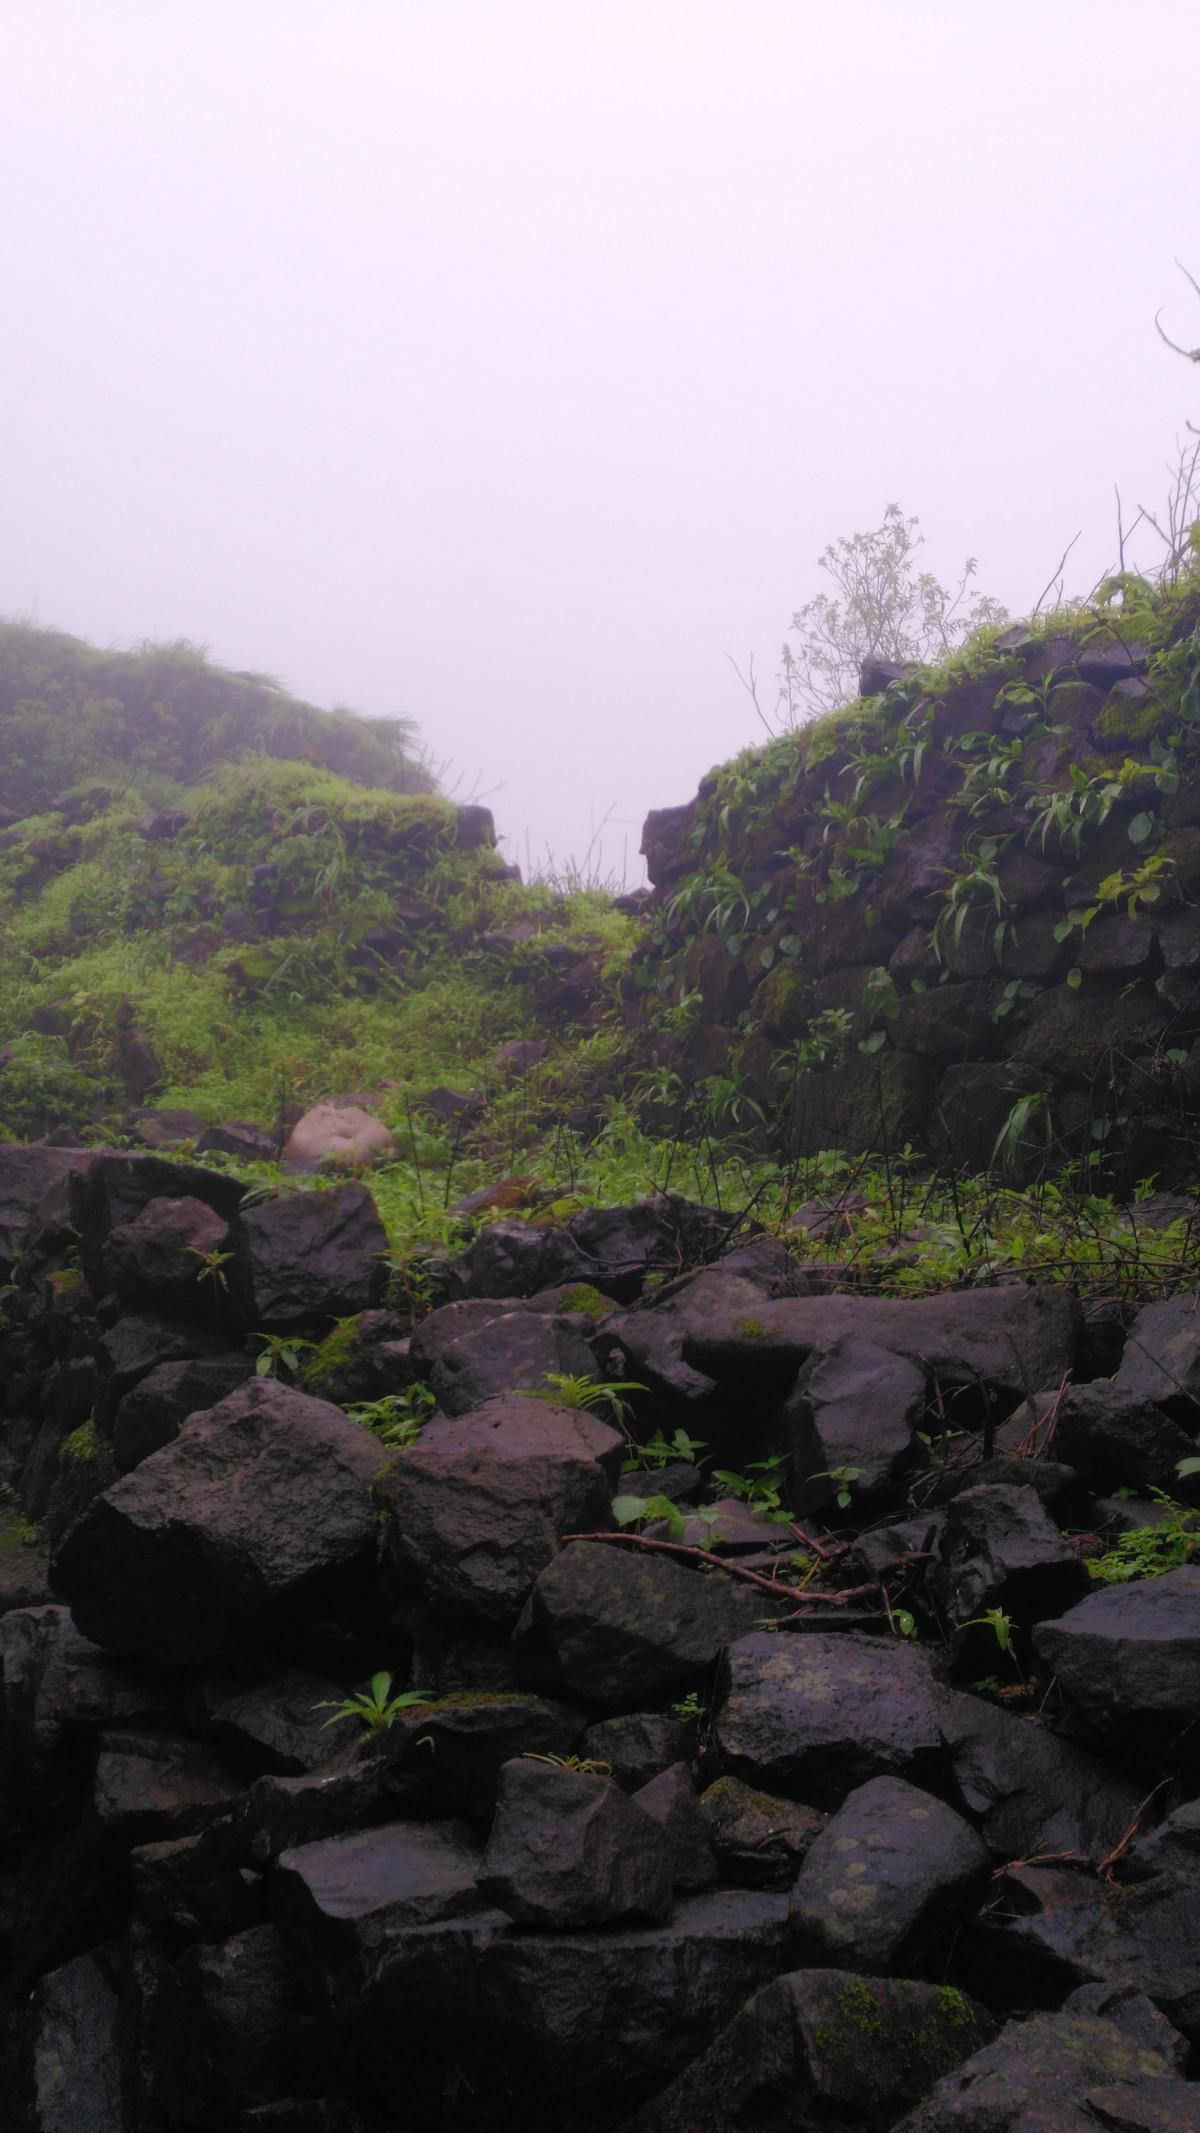 http://www.thegreatnext.com/Koraigad Trekking Fort Maharashtra Mumbai Adventure The Great Next